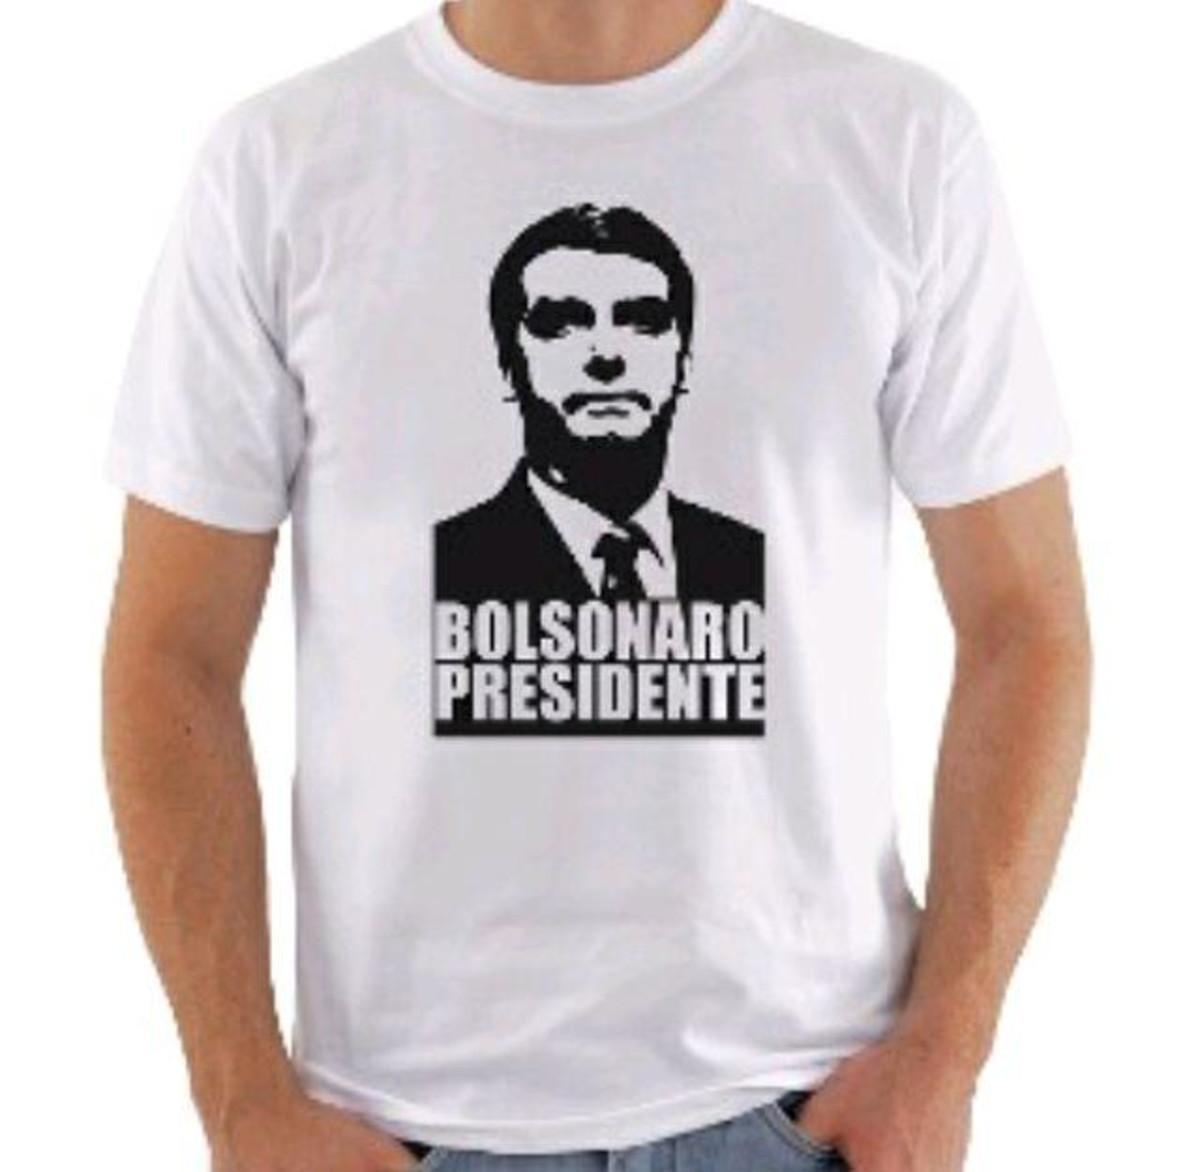 a30ecb830ba83 Camiseta Bolsonaro Presidente 17 no Elo7